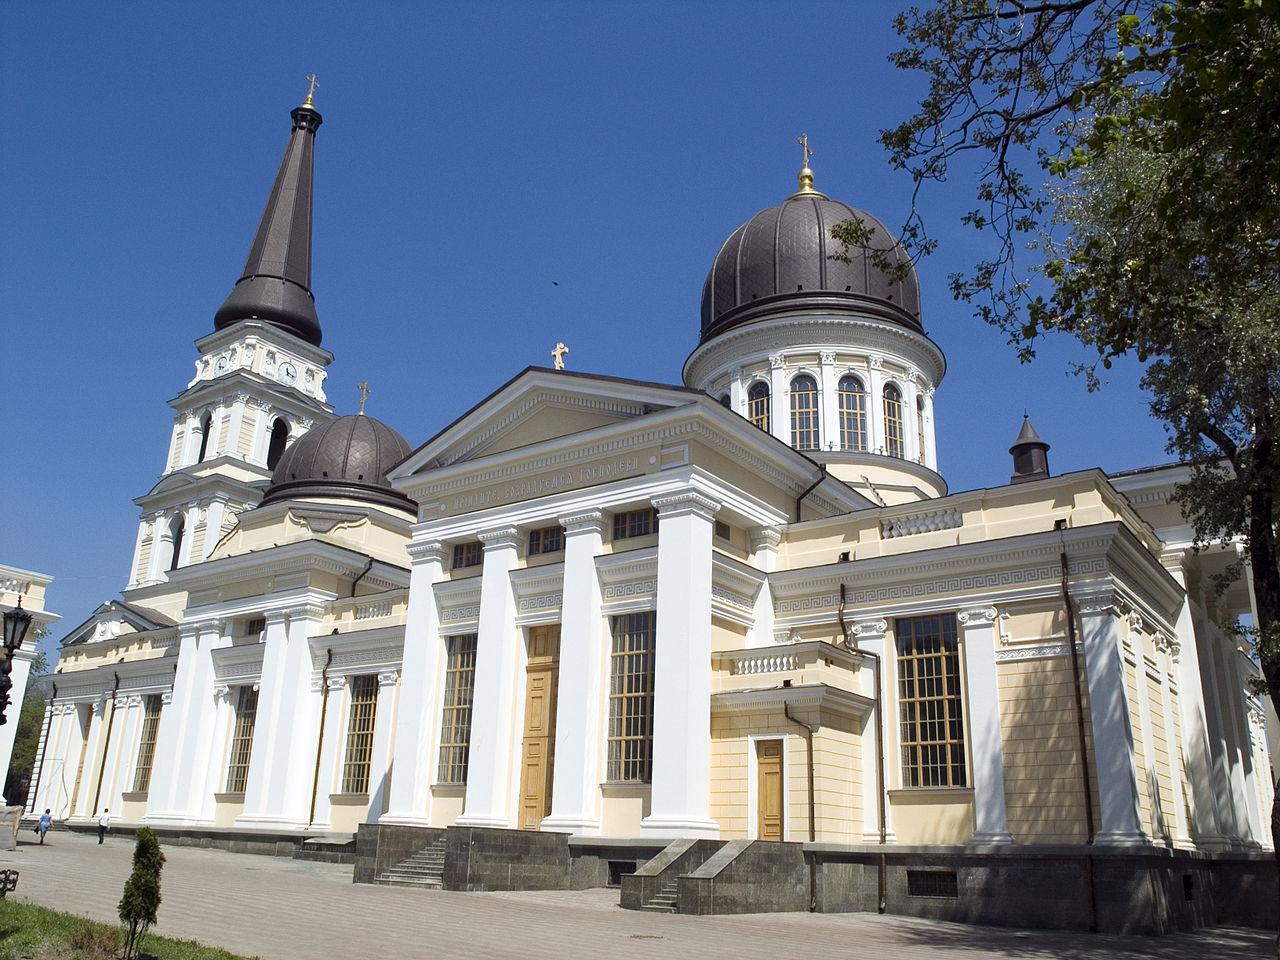 Соборная площадь Одессы, Свято-Преображенский кафедральный собор